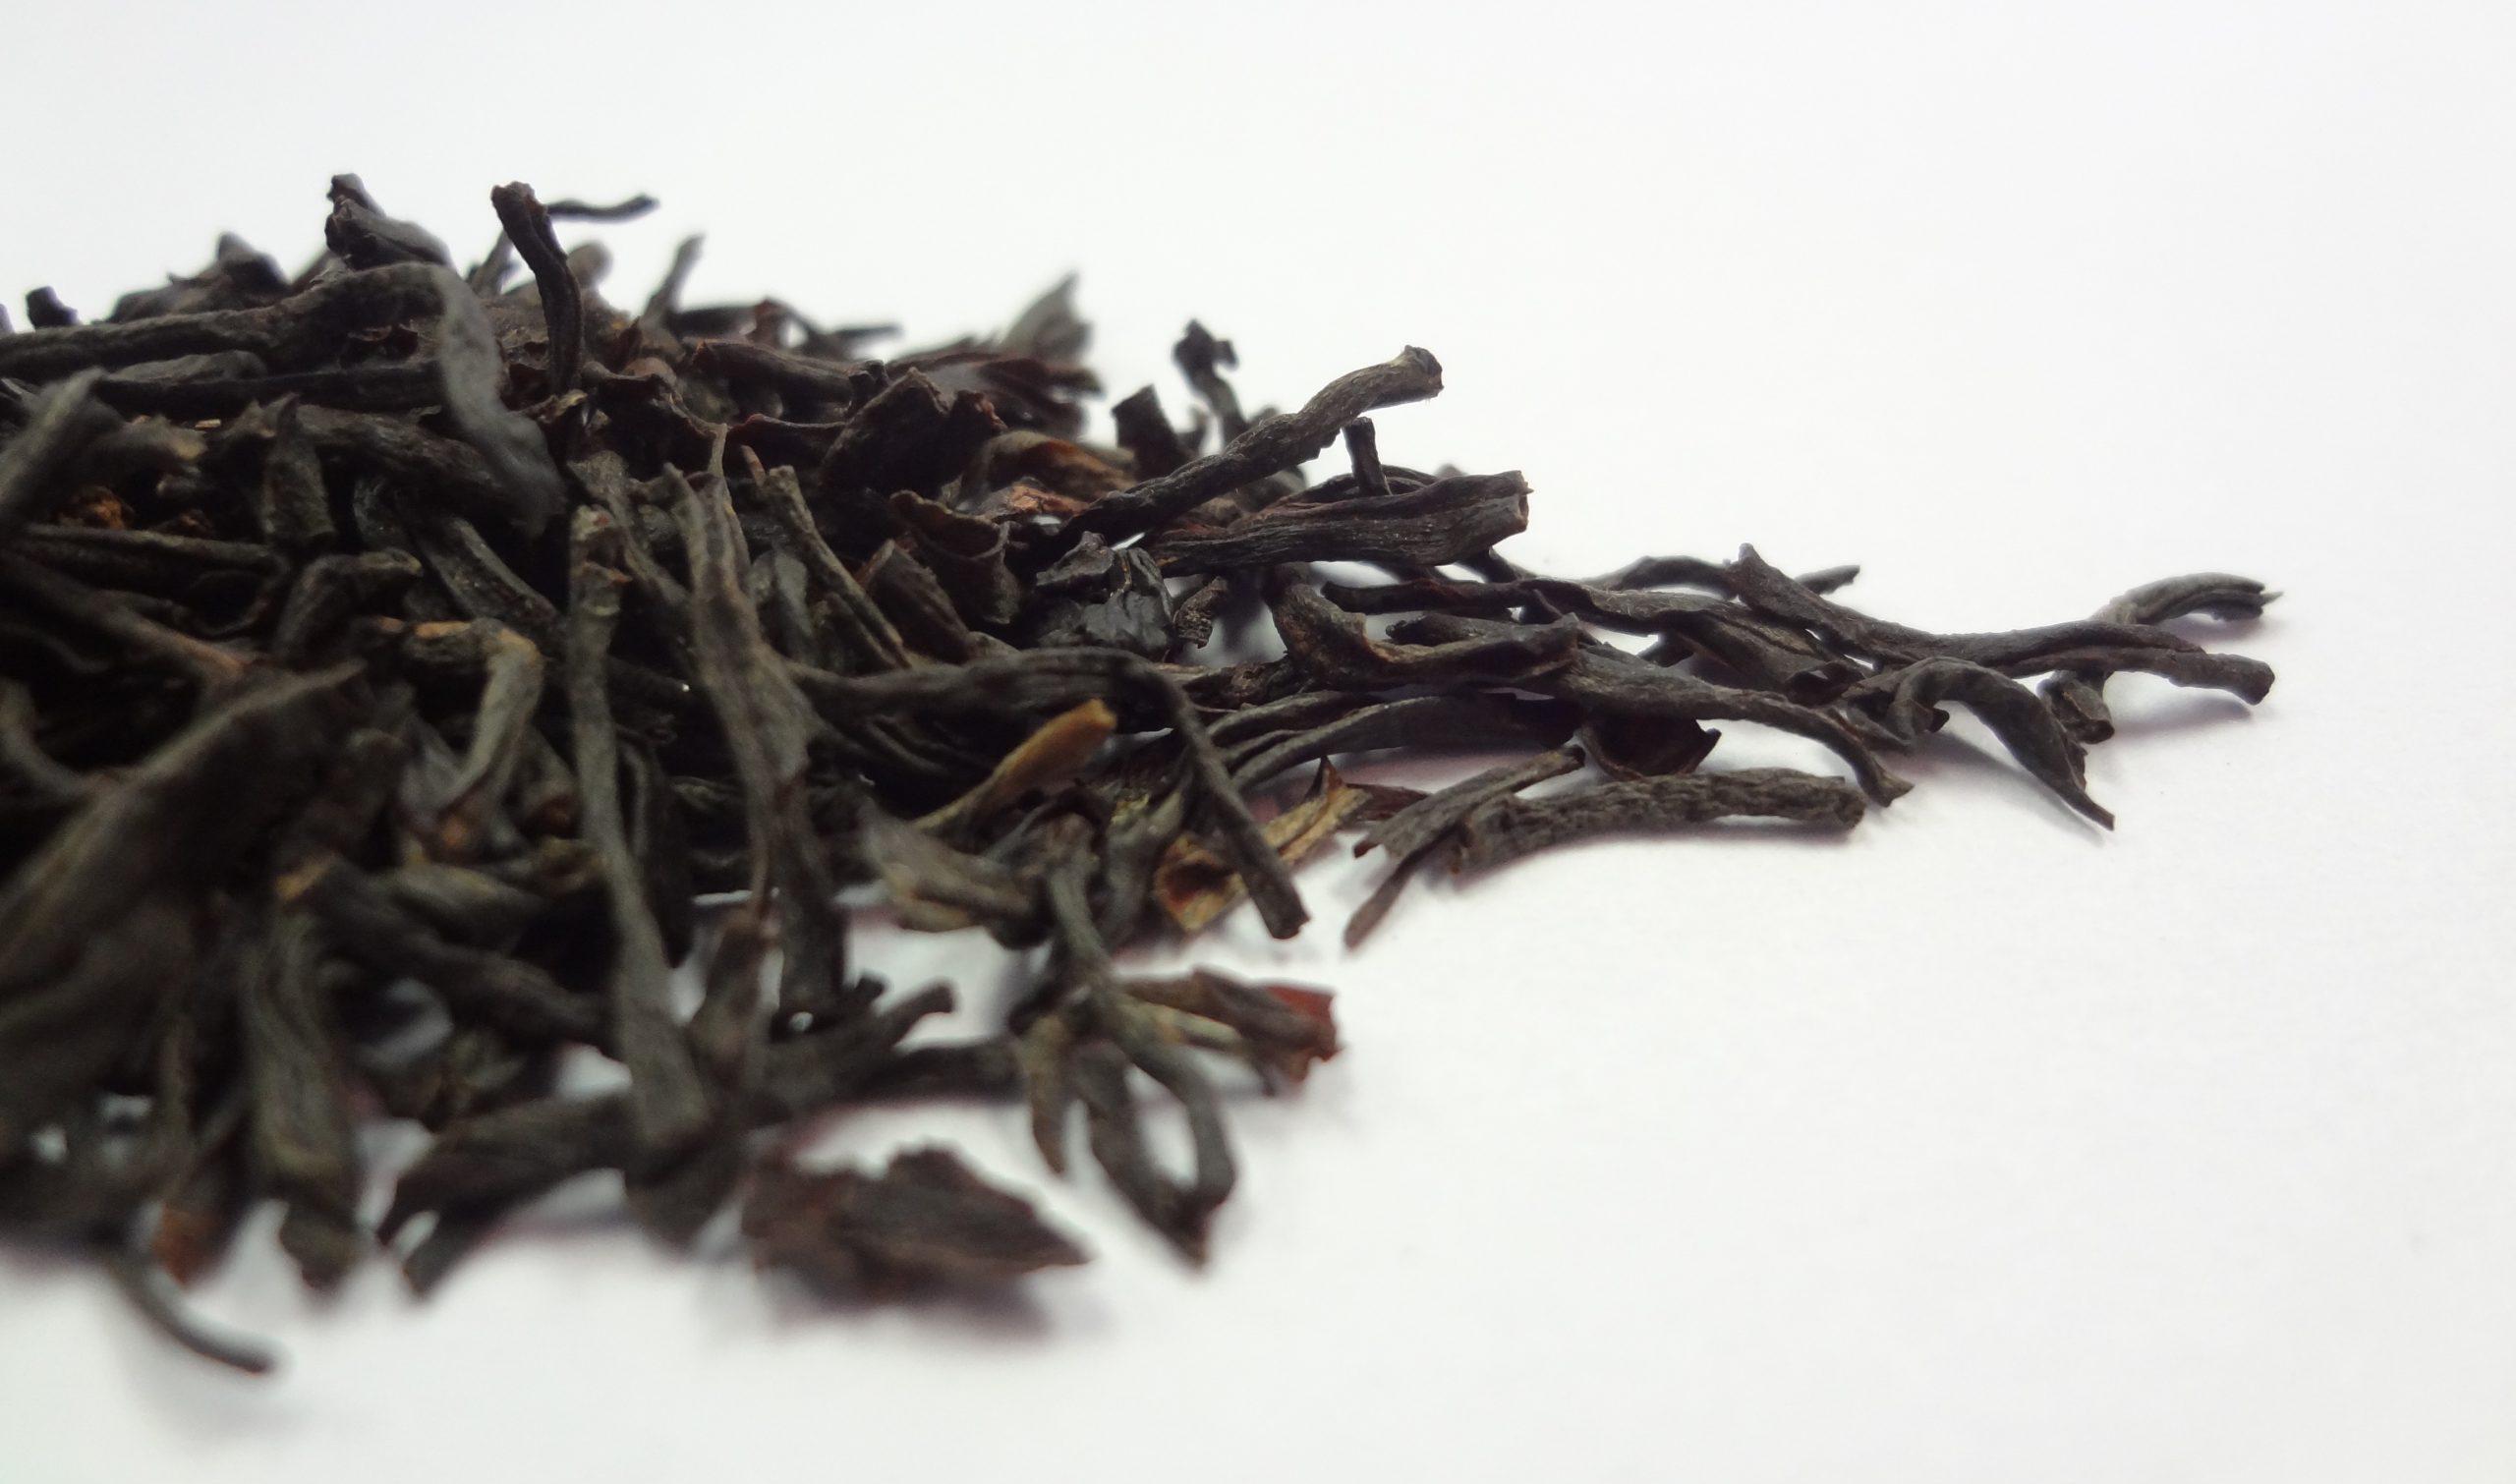 kenilworth black tea leaves